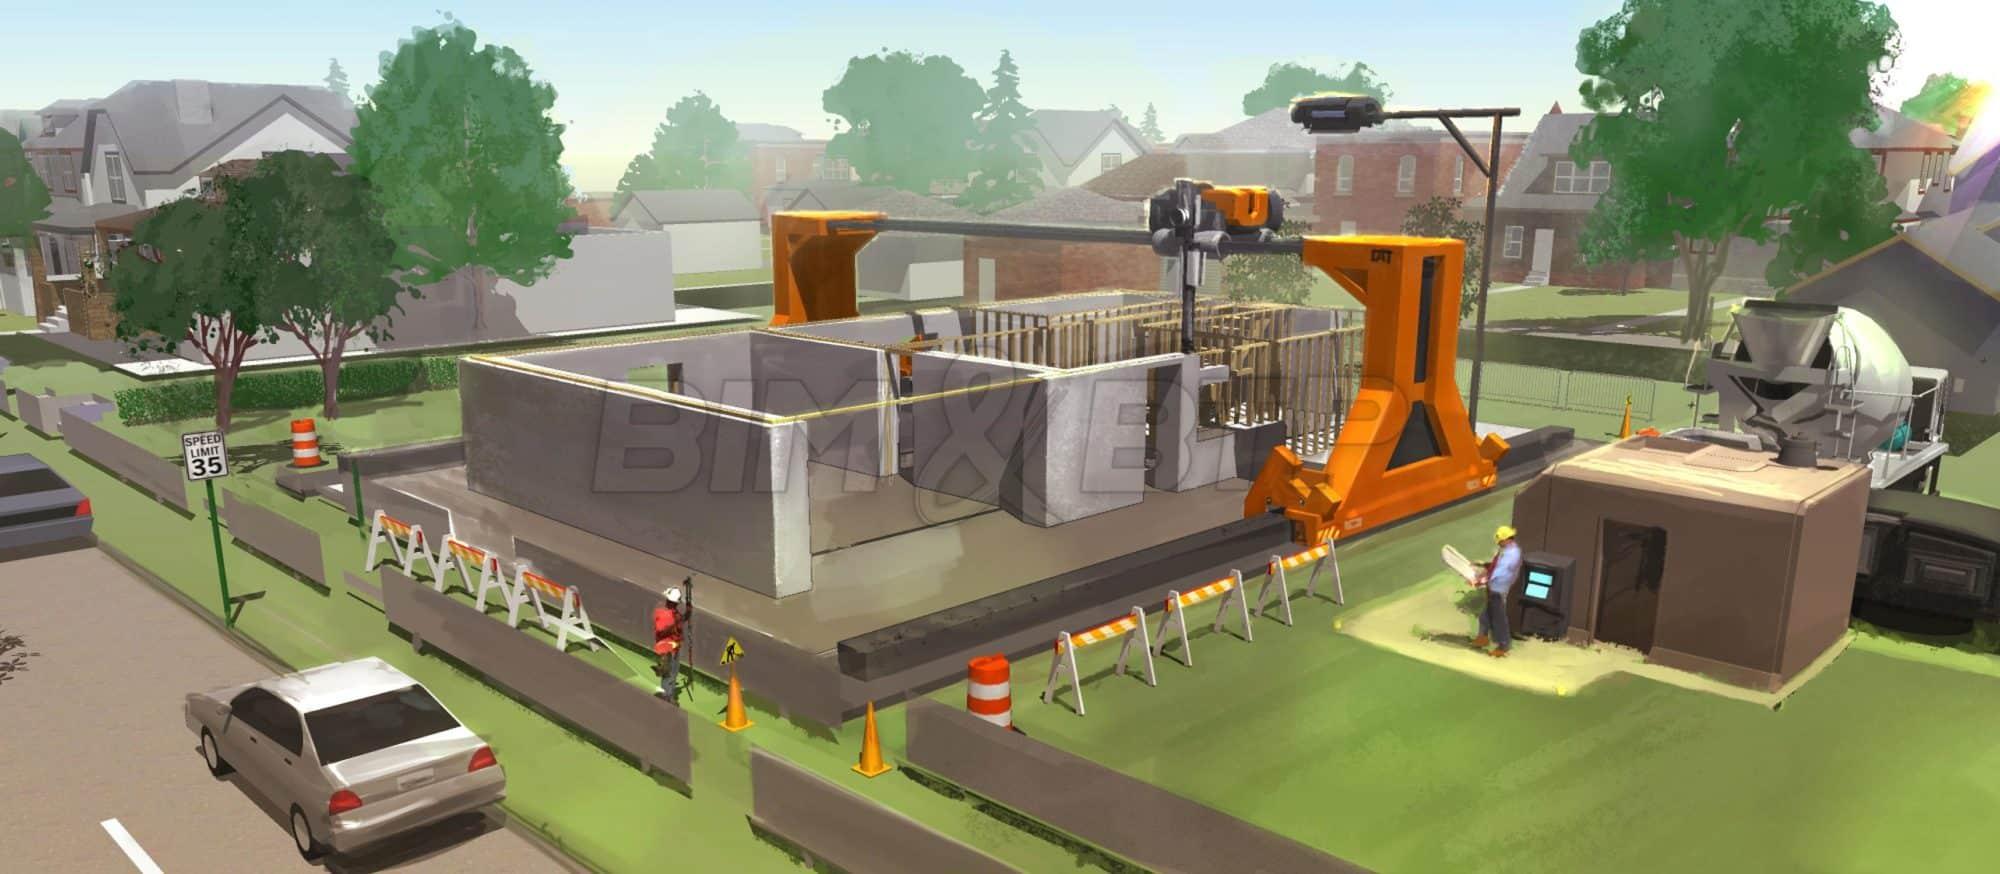 La construction directe par impression 3d sur site bim btp - Construction de maison 3d ...